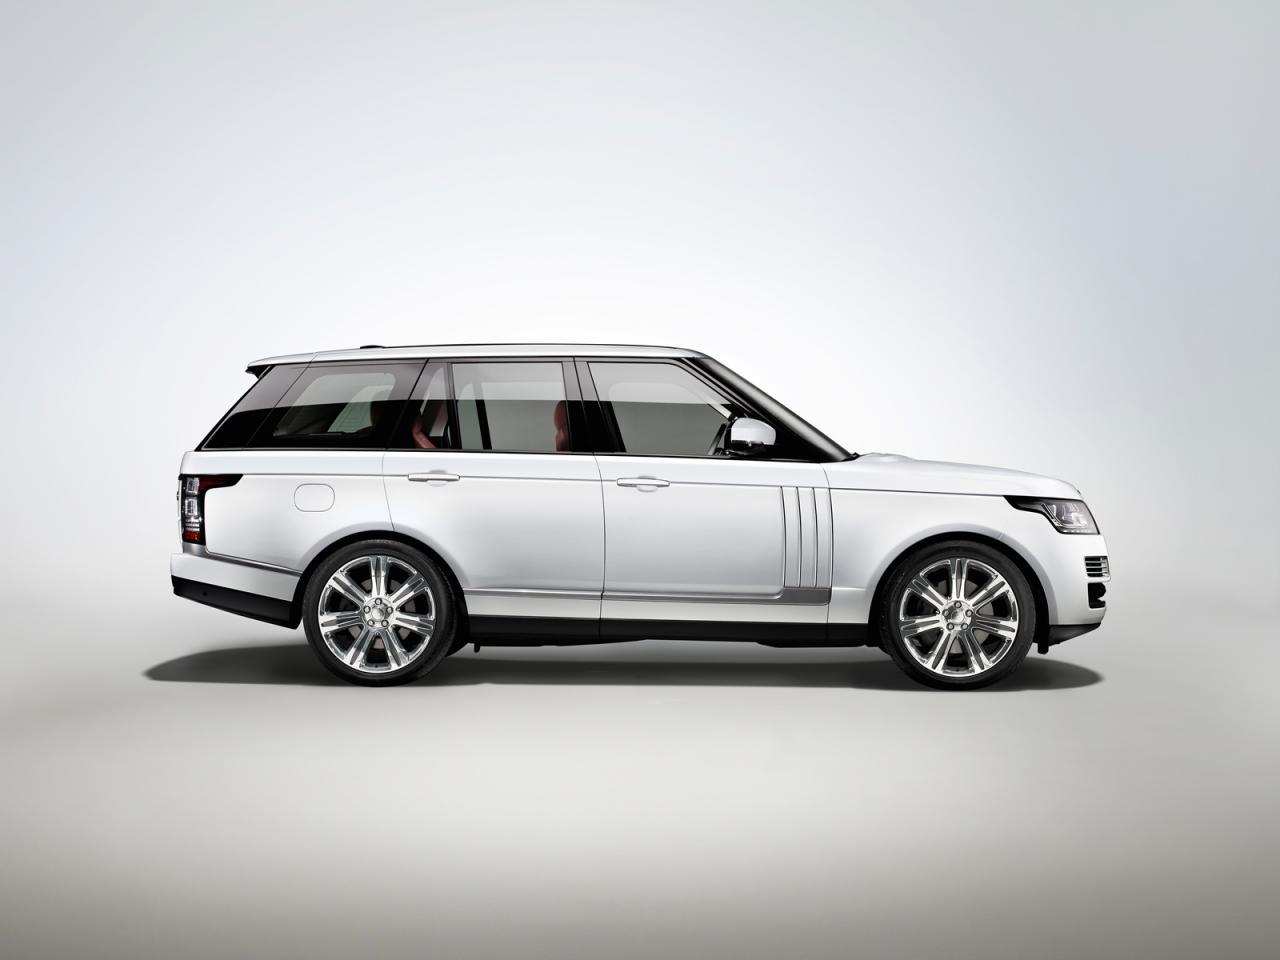 Más espacio: Nuevo Range Rover LWB